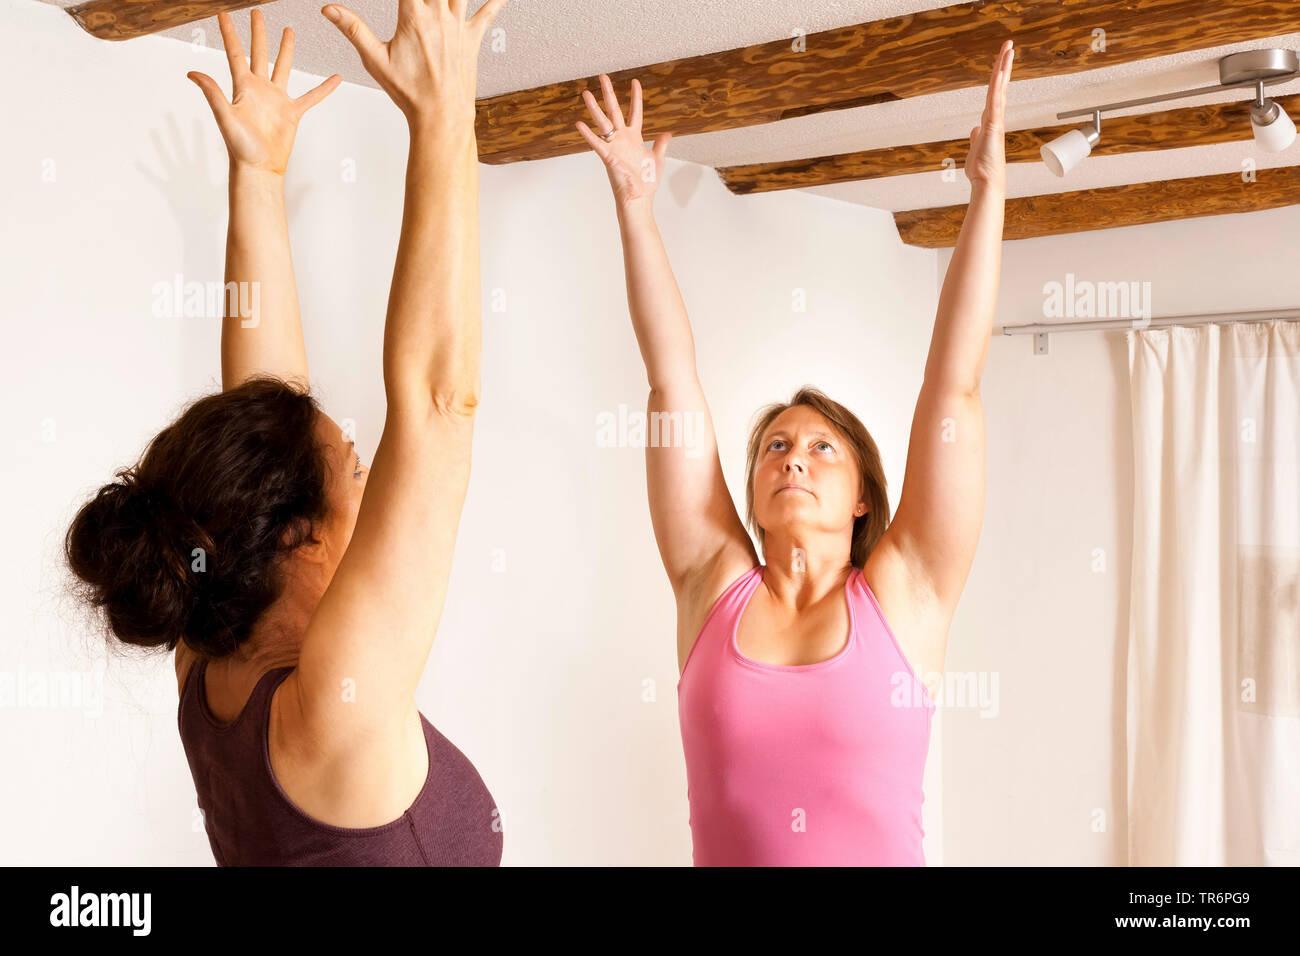 zwei junge Frauen machen Yogauebungen im Wohnzimmer, strecken sich | two women doing yoga in the living room at home | BLWS488765.jpg [ (c) blickwinke - Stock Image